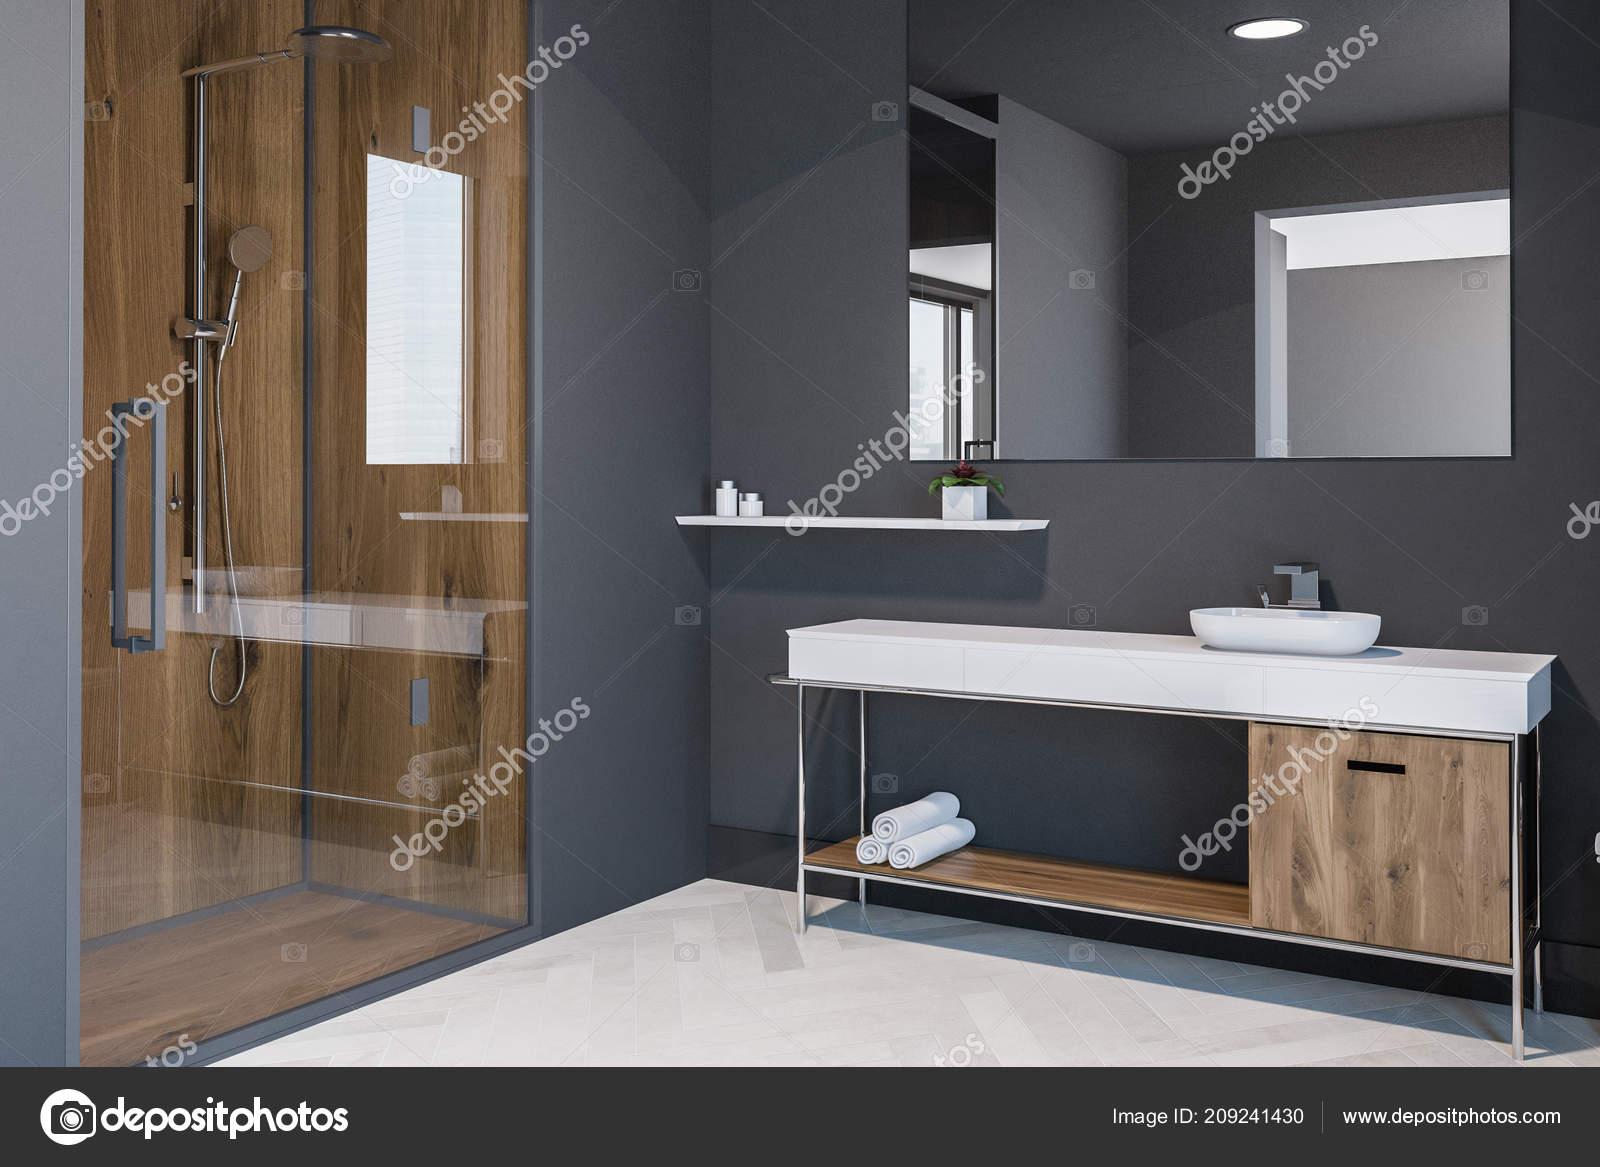 Skandinavischen Stil Badezimmer Ecke Mit Grauen Wänden Einem Weißen ...